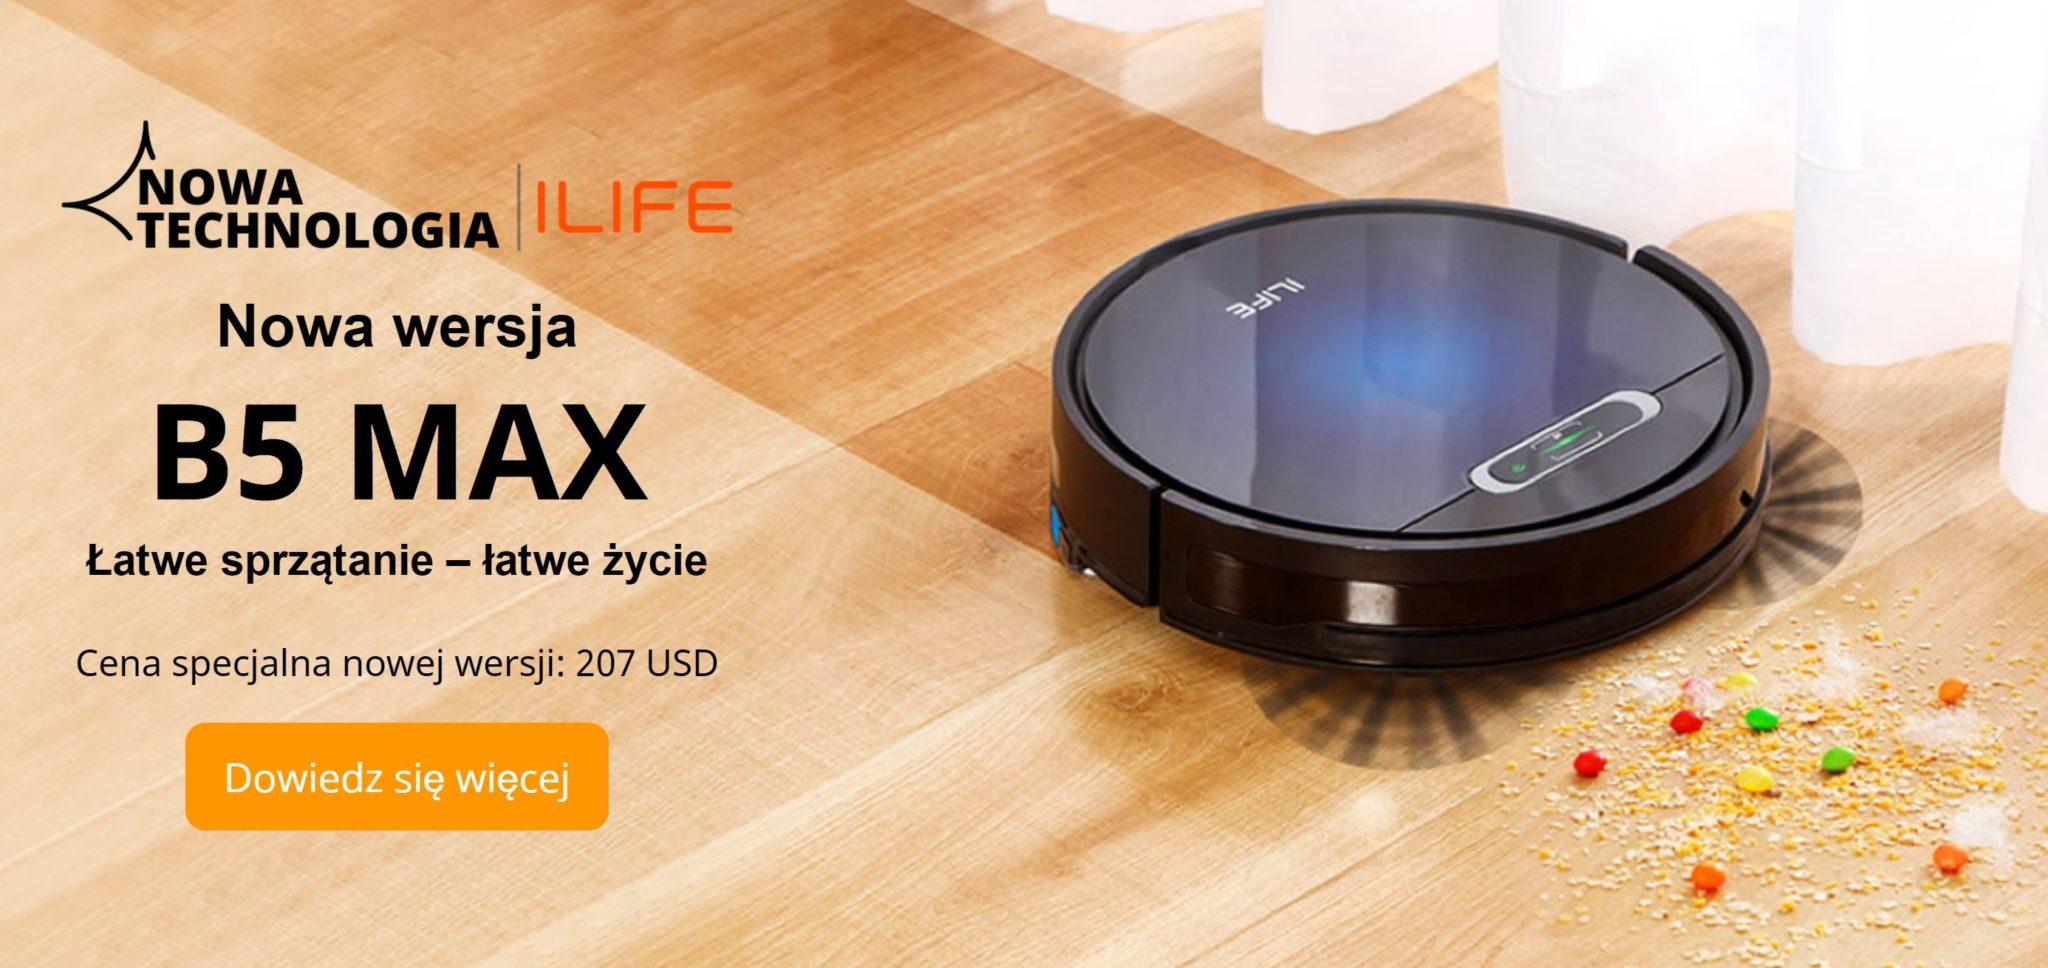 iLife B5 MAX - nowy robot sprzątający iLife już na Aliexpress